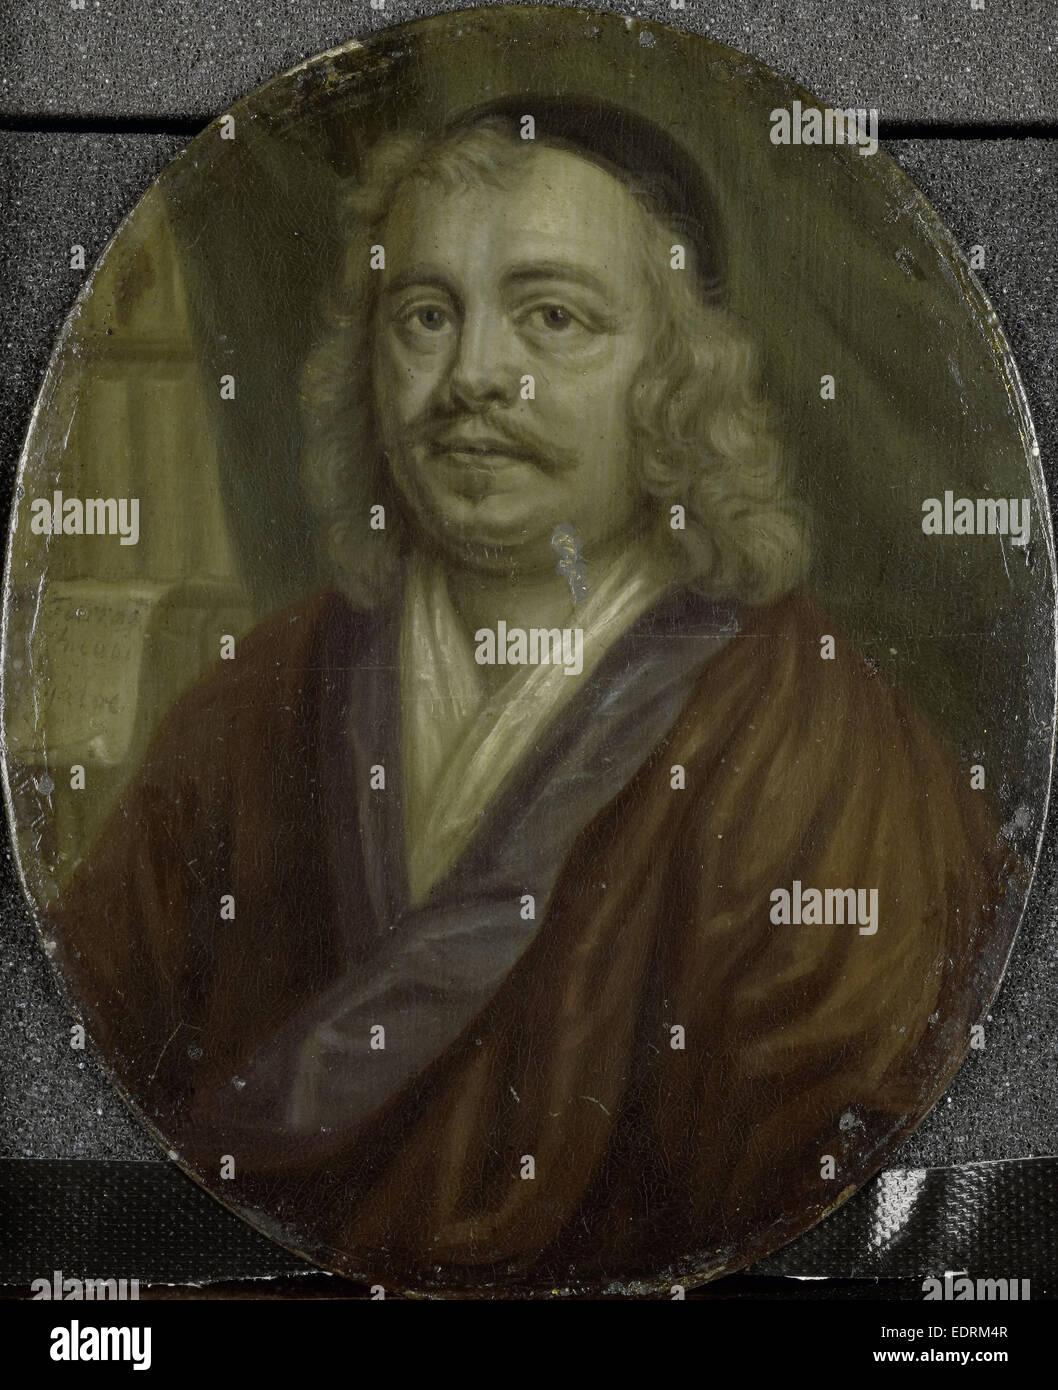 Porträt des Jacob Heiblocq, Rektor der Lateinschule in Amsterdam Niederlande, Arnoud van Halen, 1700-1732 Stockbild